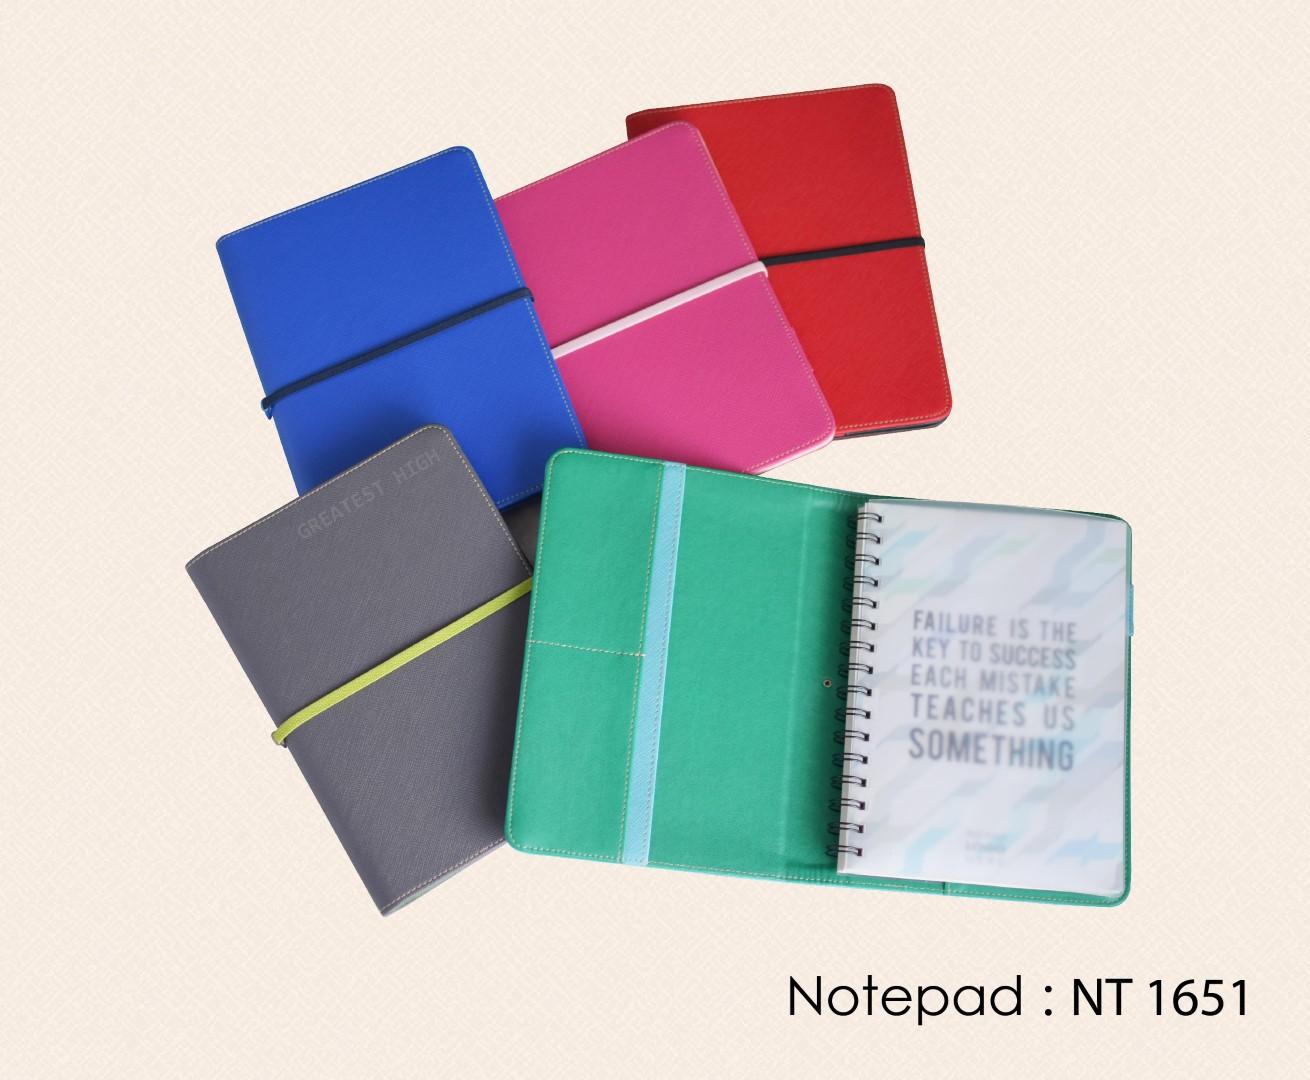 สมุดโน๊ต สมุดปกสอด ปกหนัง Notebook Notepad : NT 1651